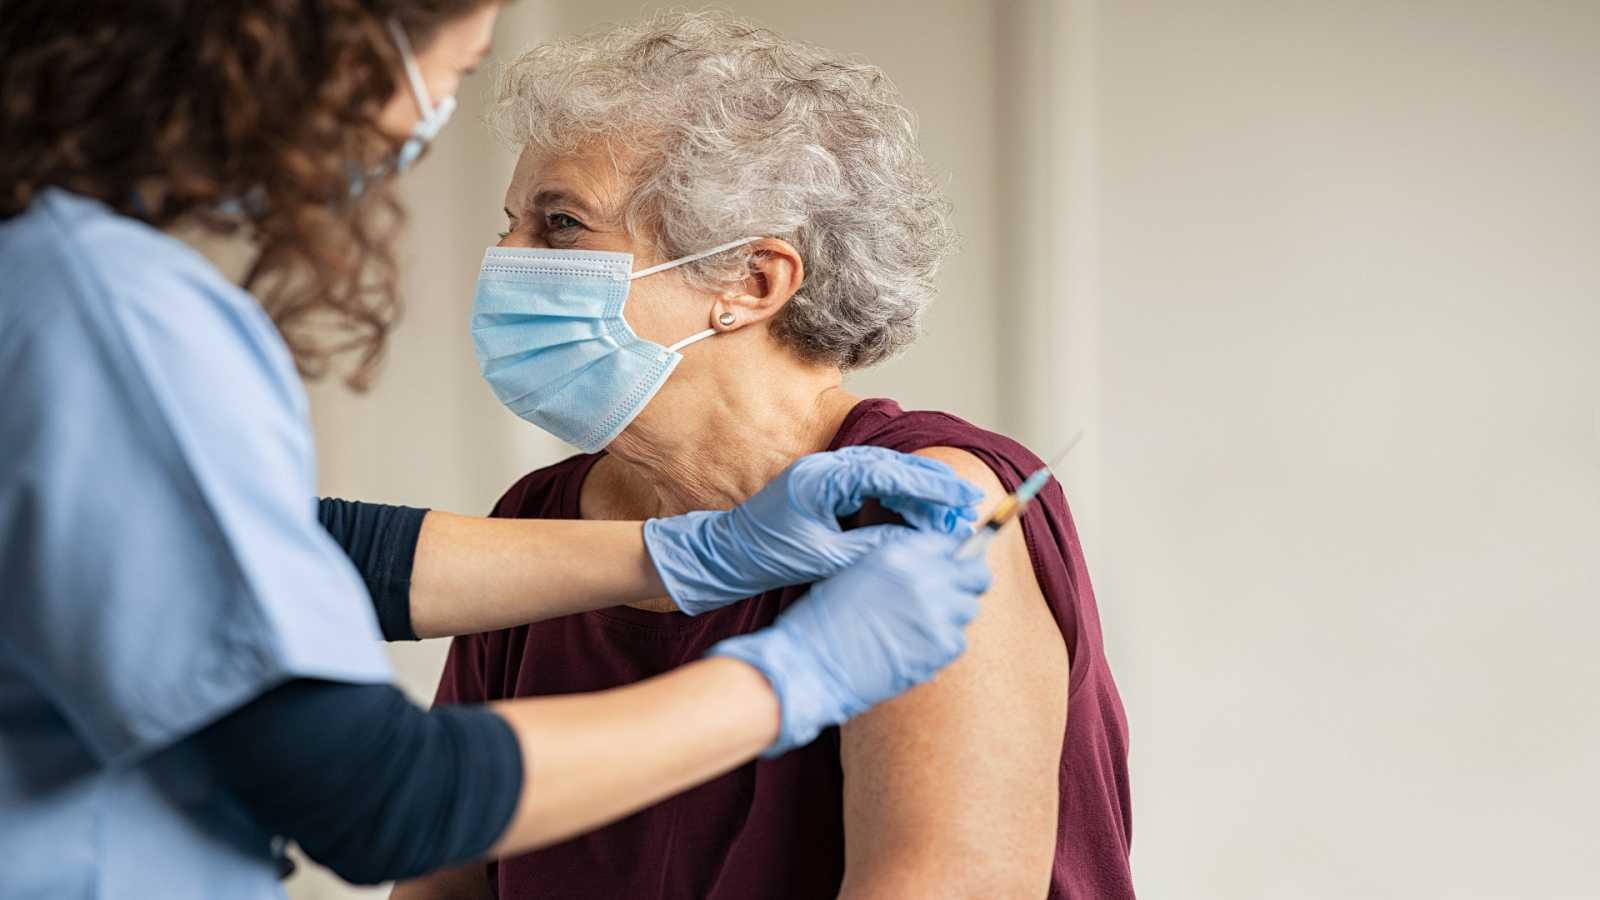 El español urgente con Fundéu RAE - Verbos para las vacunaciones - 18/01/21 - Escuchar ahora